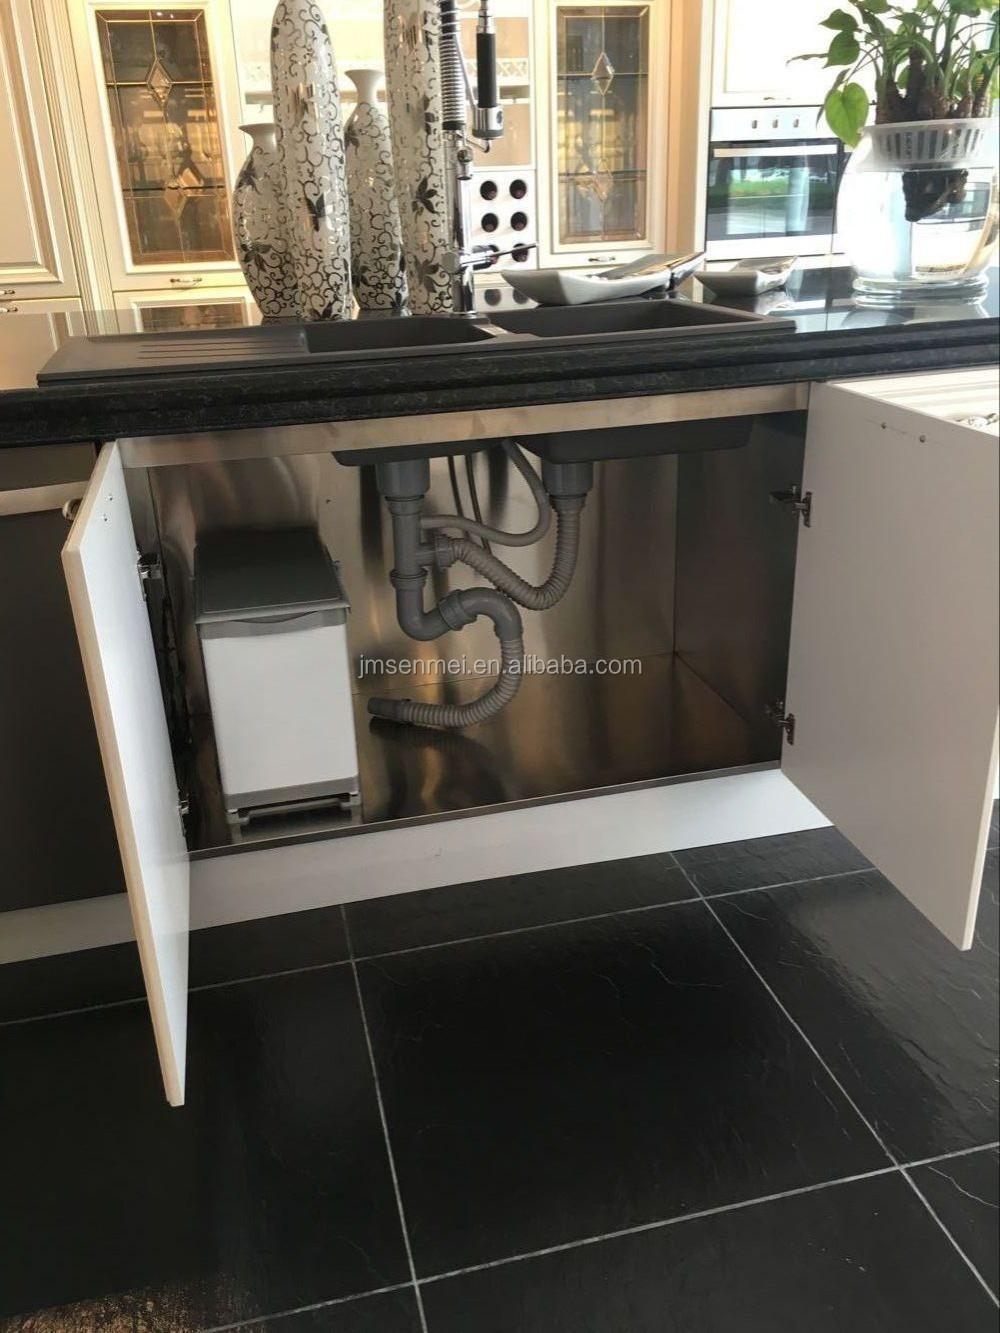 SKB0119 Appartement Keukenkasten Ontwerp Oven en Magnetron Kast in ...